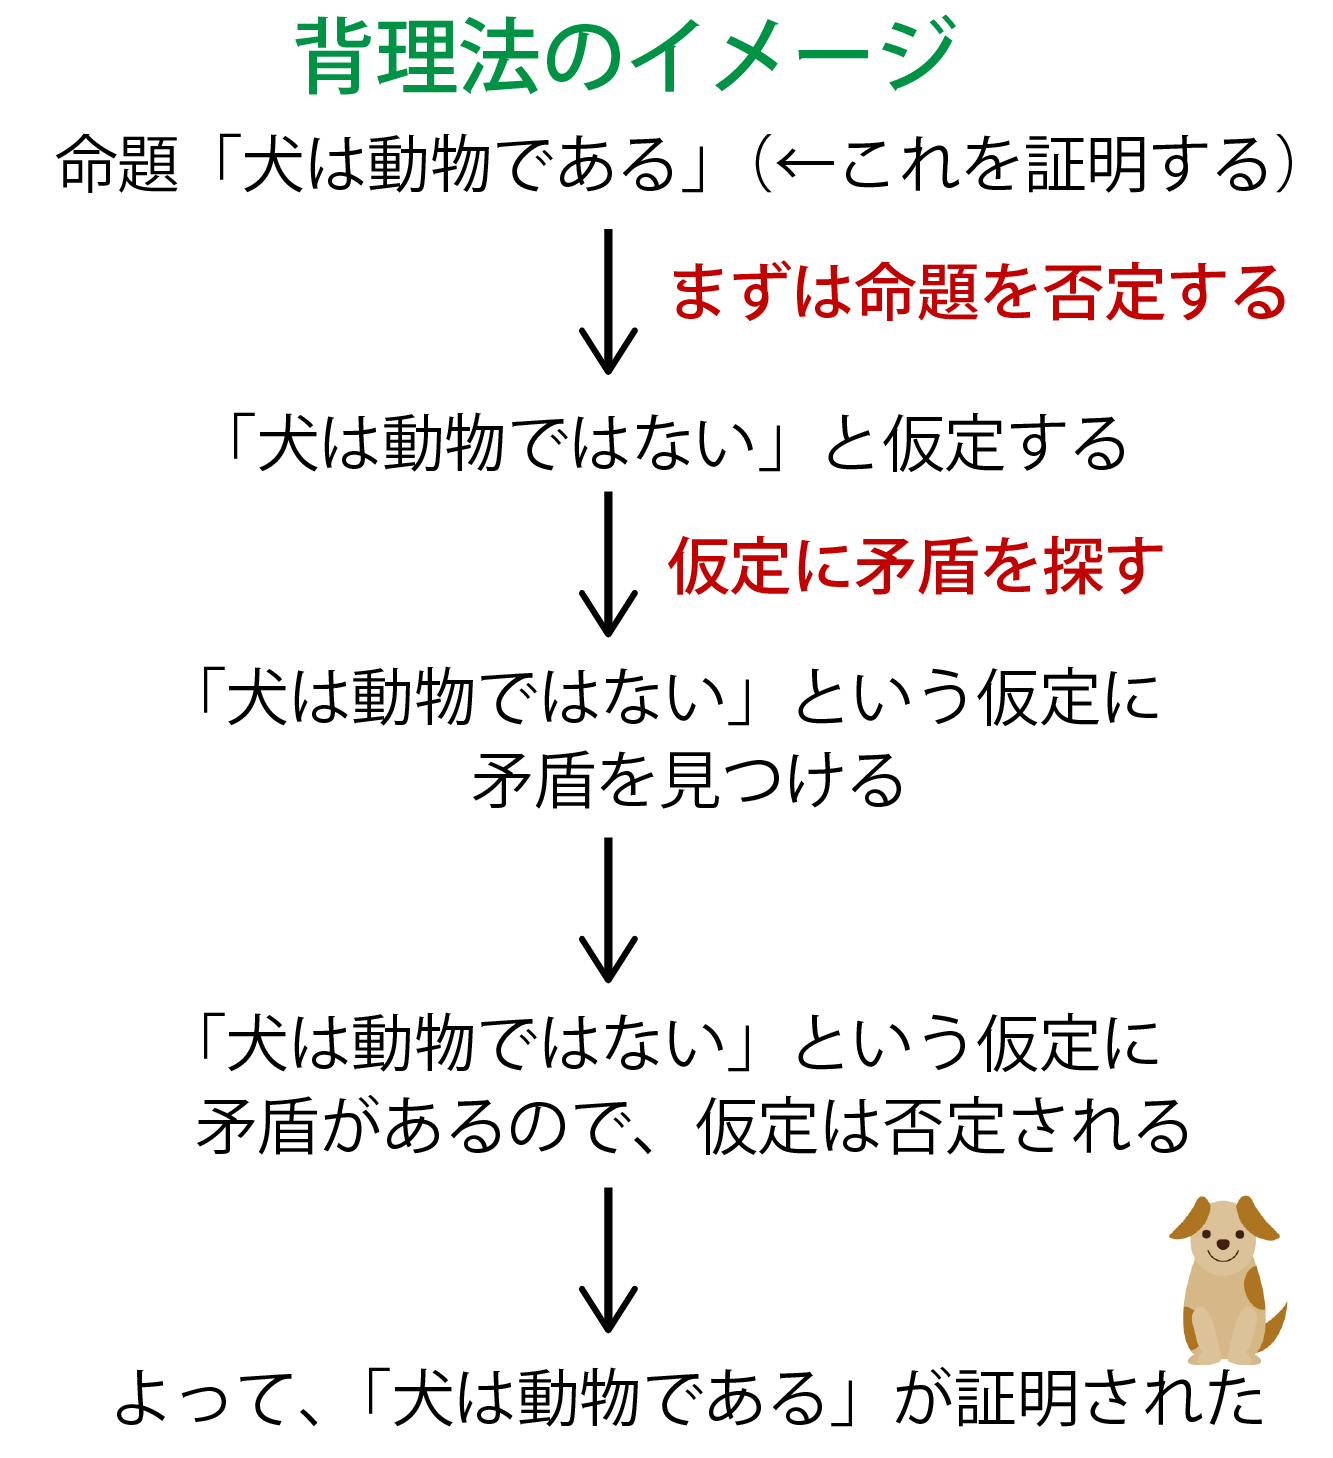 背理法の流れ解説画像